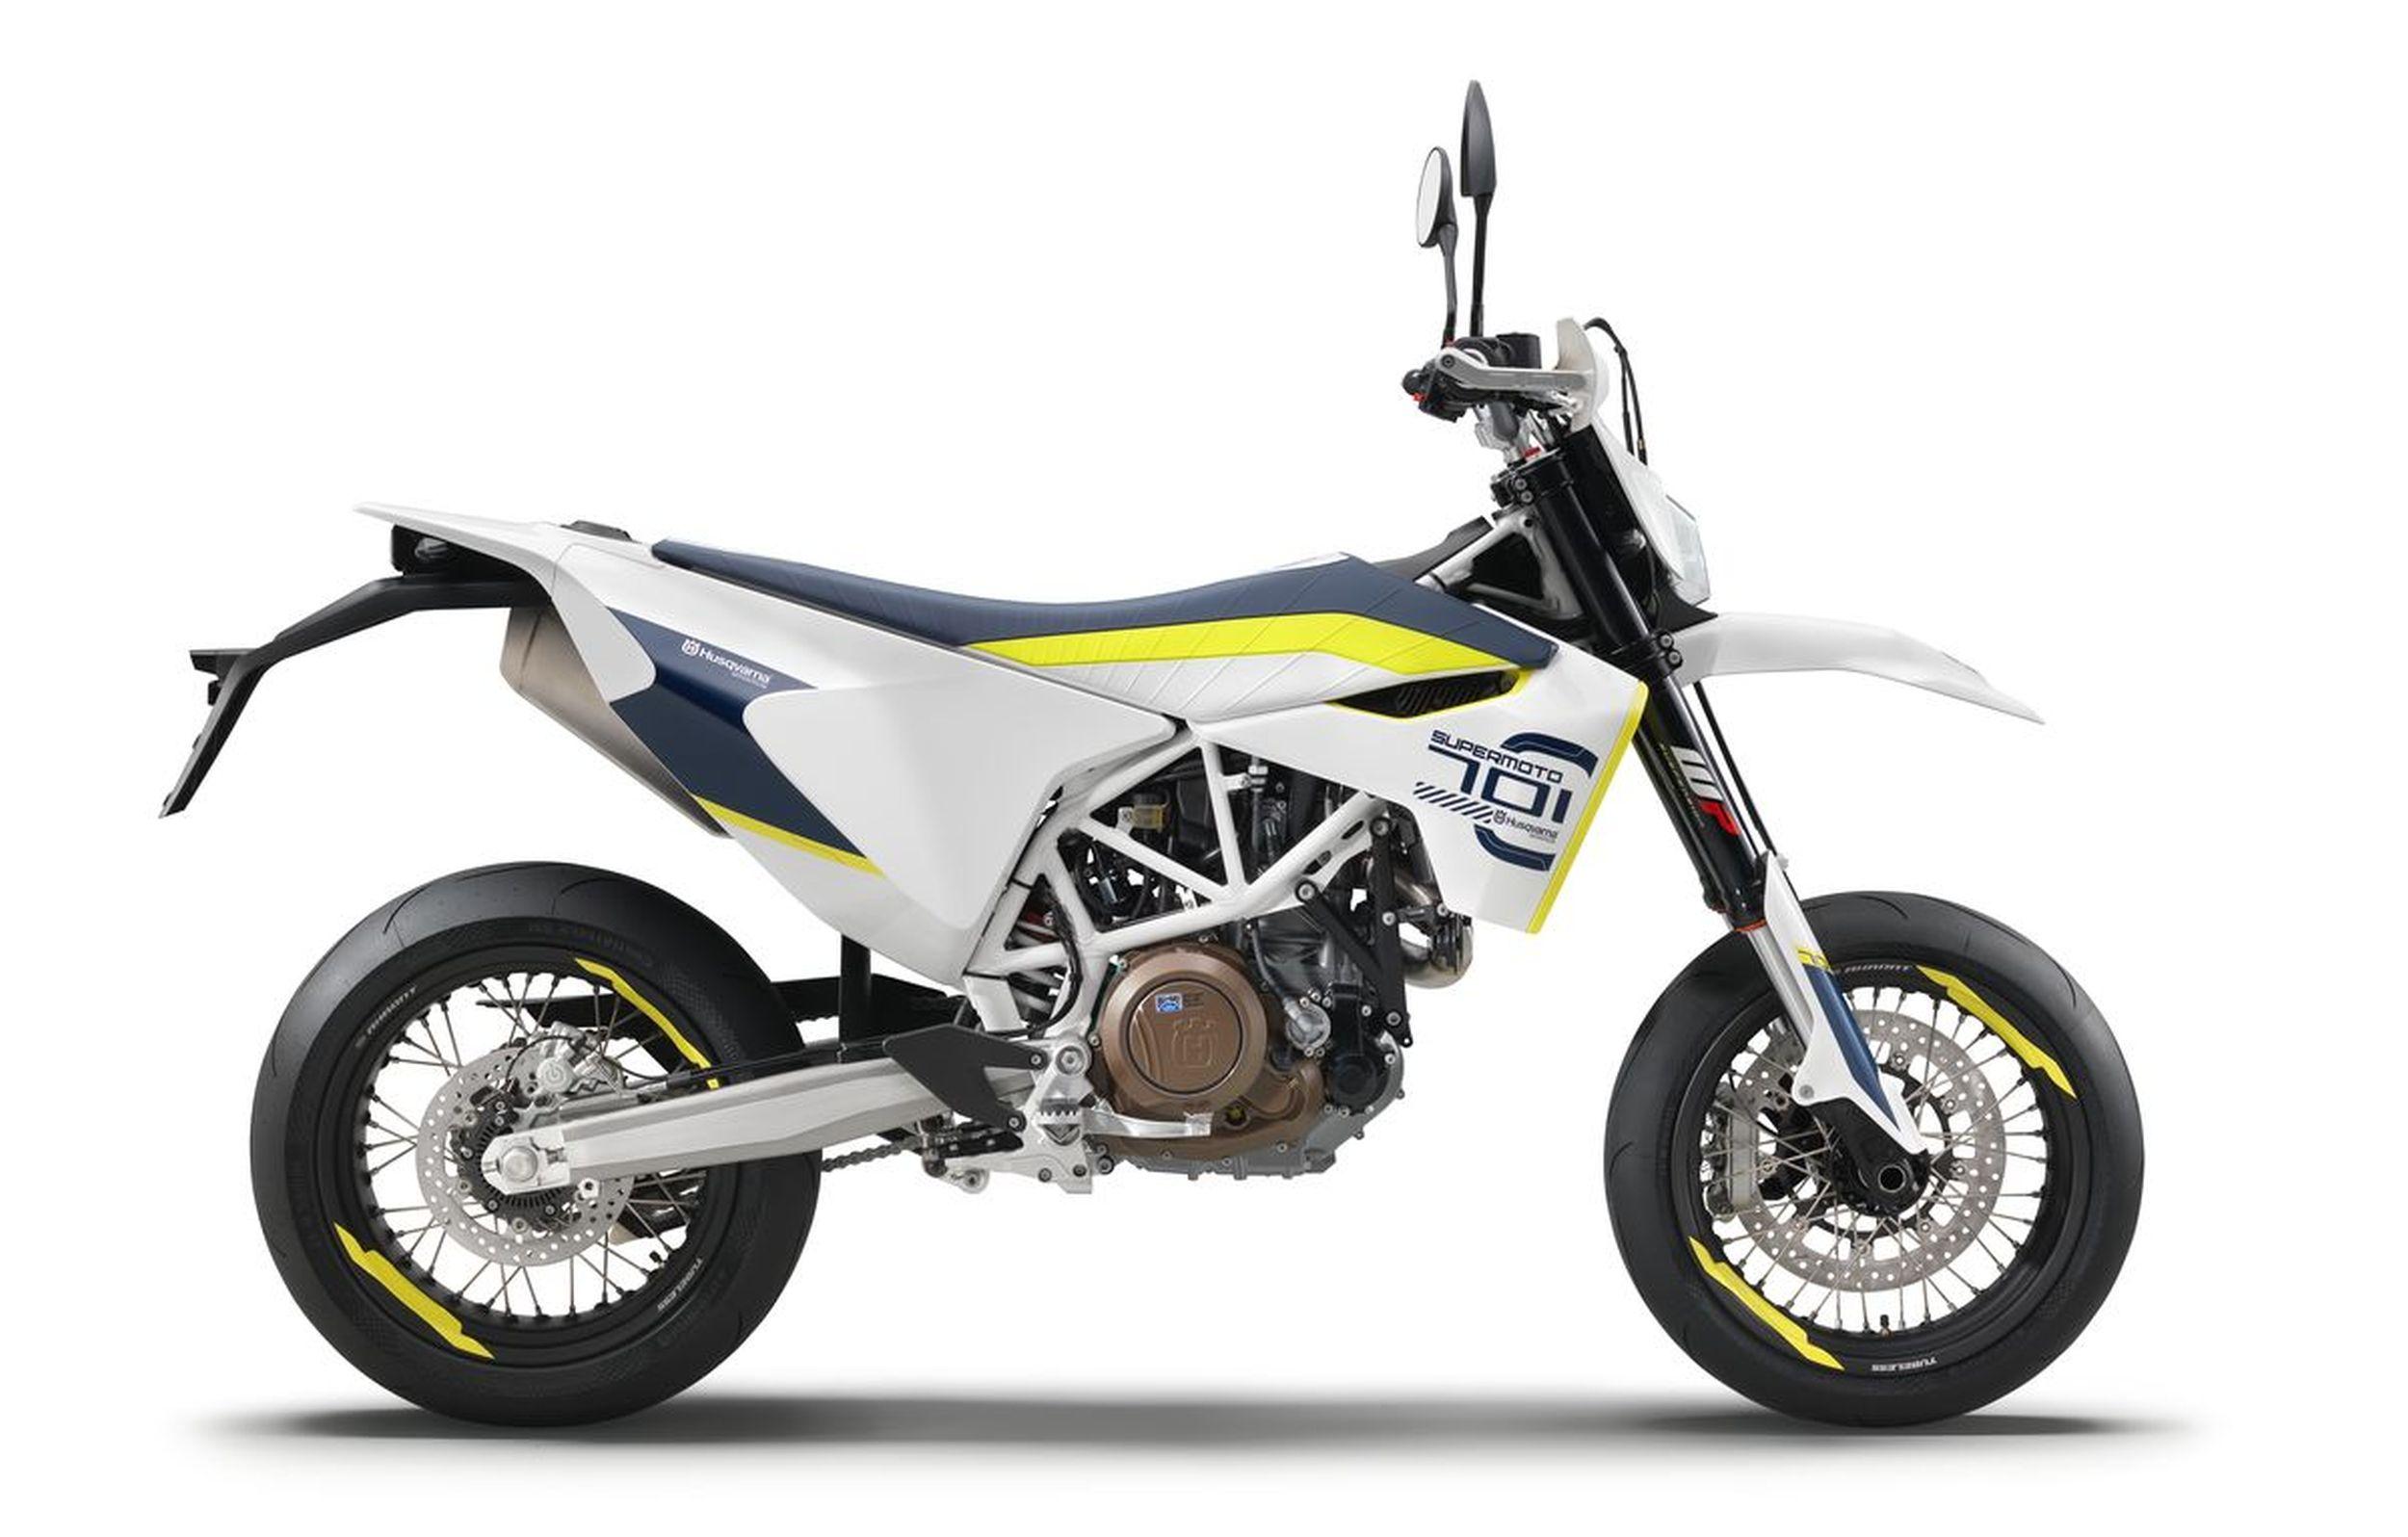 125ccm motorrad kaufen free motorrder ccm with 125ccm motorrad kaufen excellent man wei es. Black Bedroom Furniture Sets. Home Design Ideas